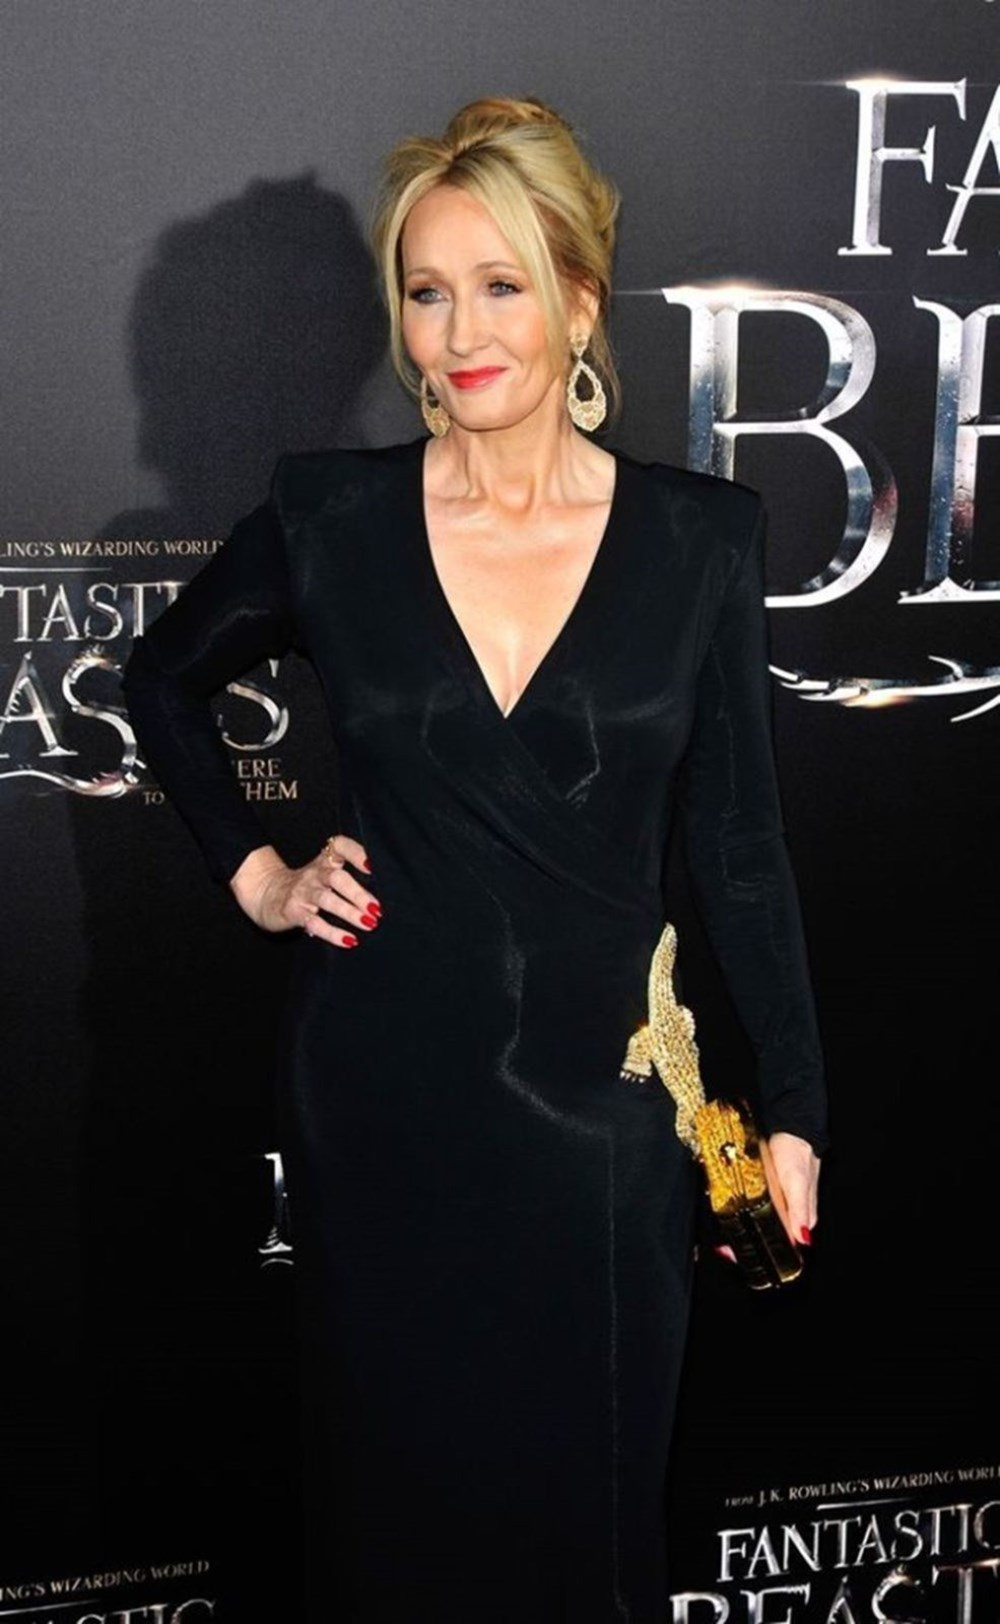 J.K. Rowling'in yeni romanına transfobi suçlaması - 5